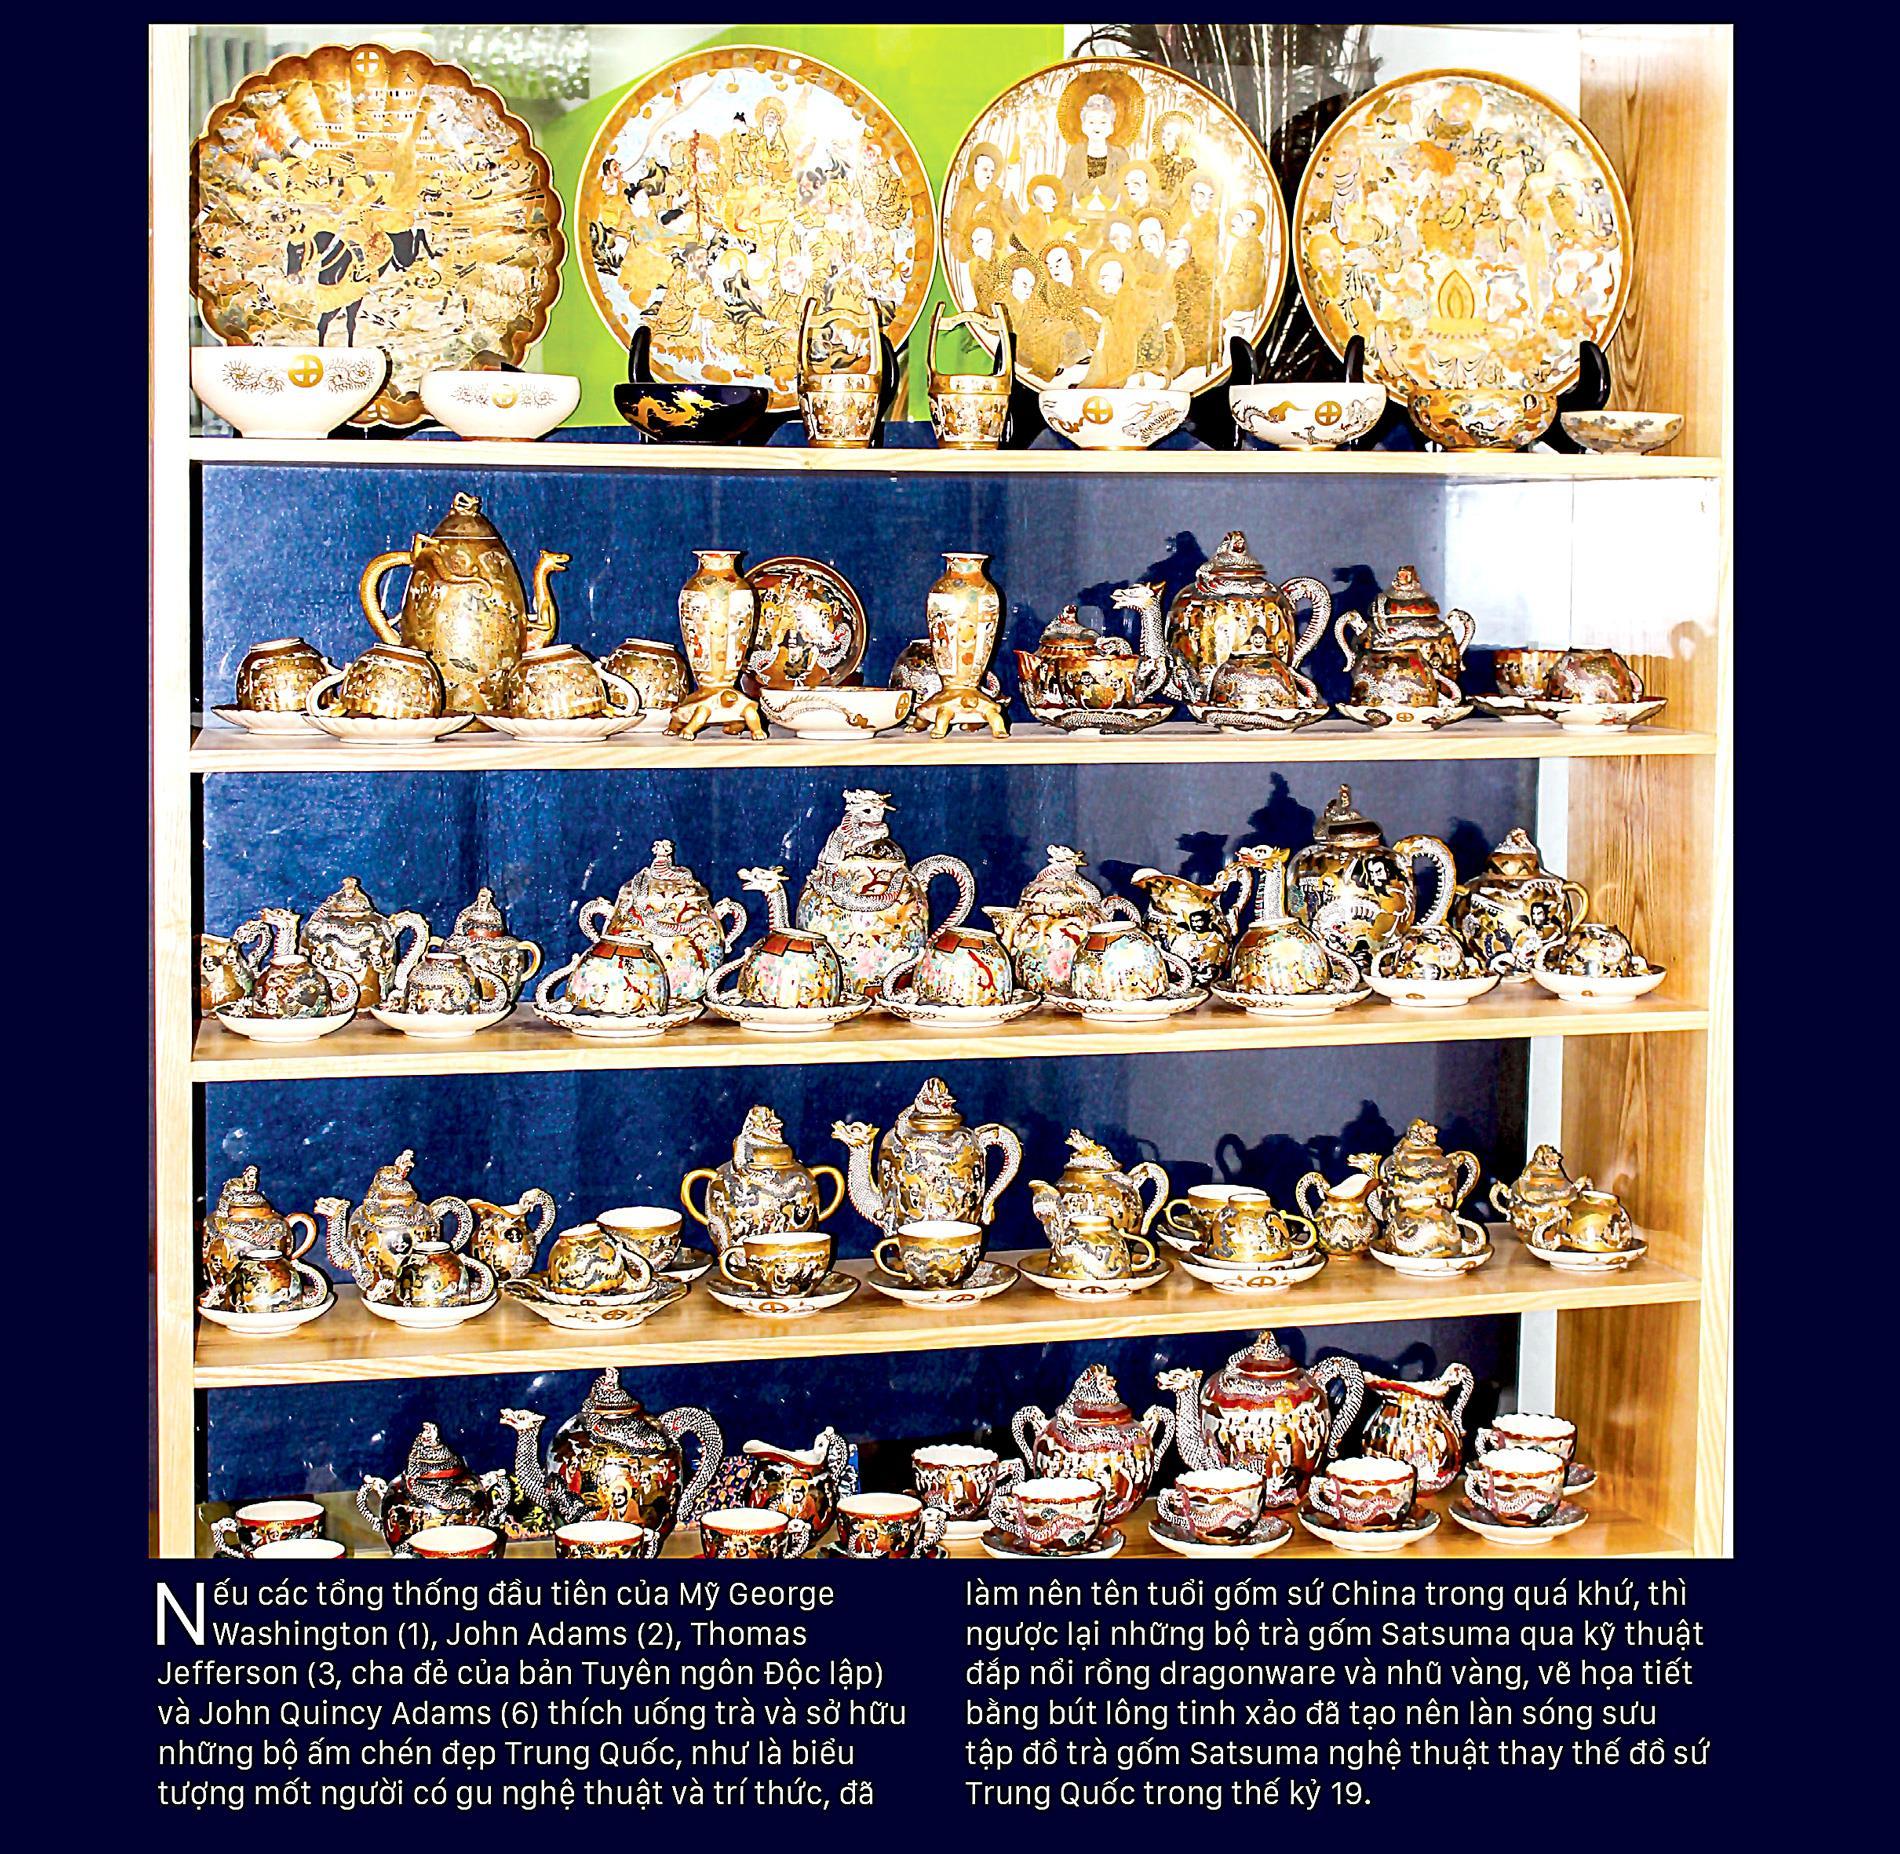 Giao thoa Đông - Tây qua những bộ trà SATSUMA ảnh 1